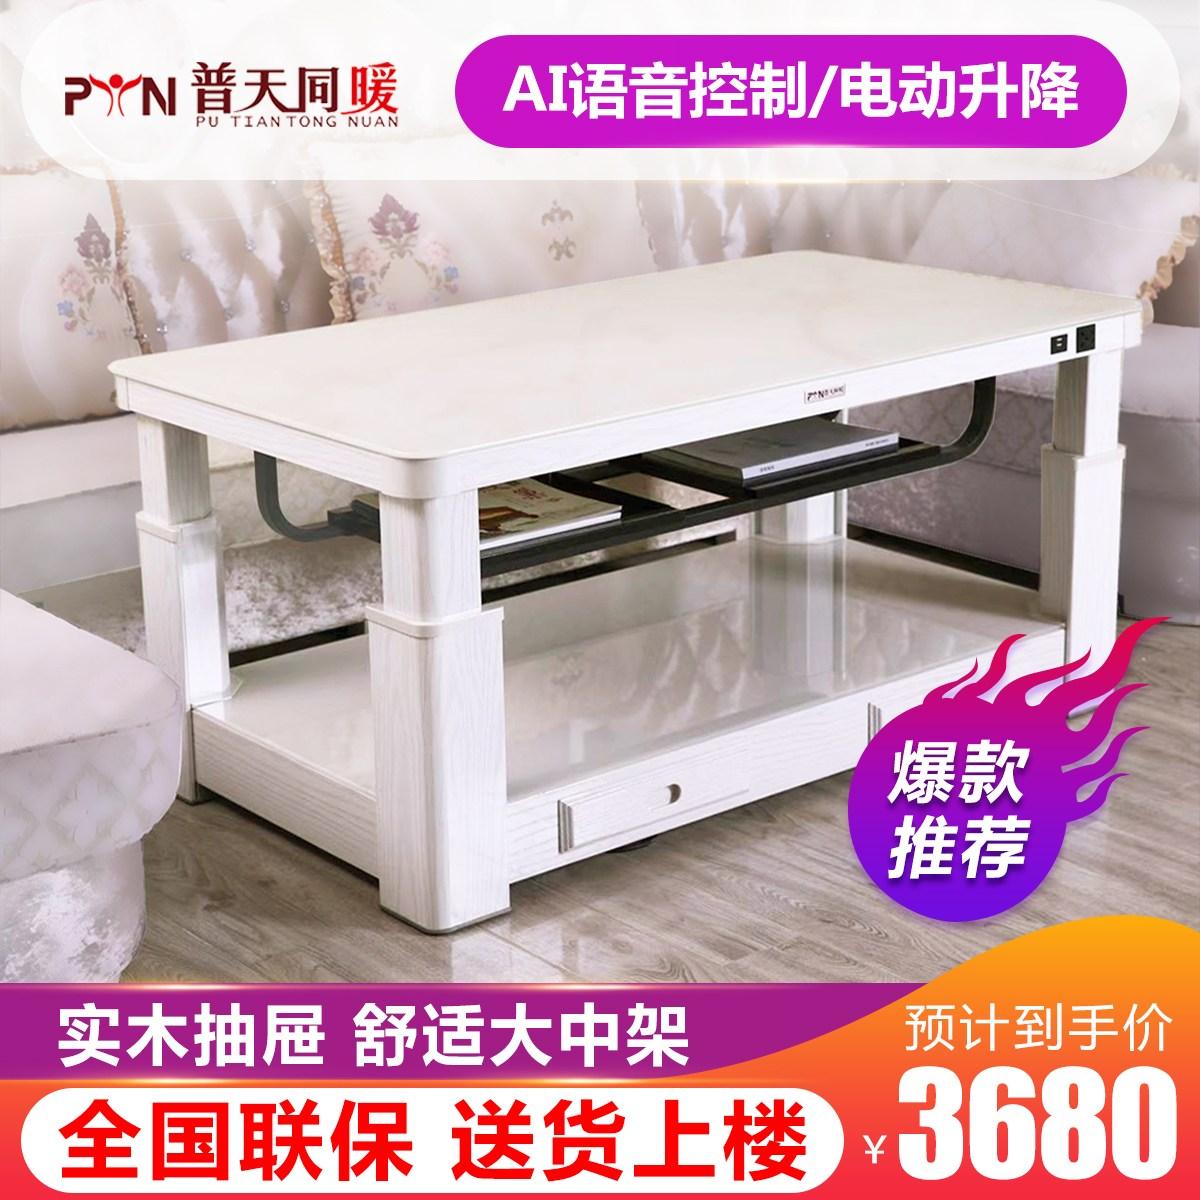 전기온풍기 난방테이블 염마 높이조절 전기난방탁자 티테이블 가정용 히터 직사각형, 기본, T06-서리로 덥은 흰색 1450mm+풀옵션